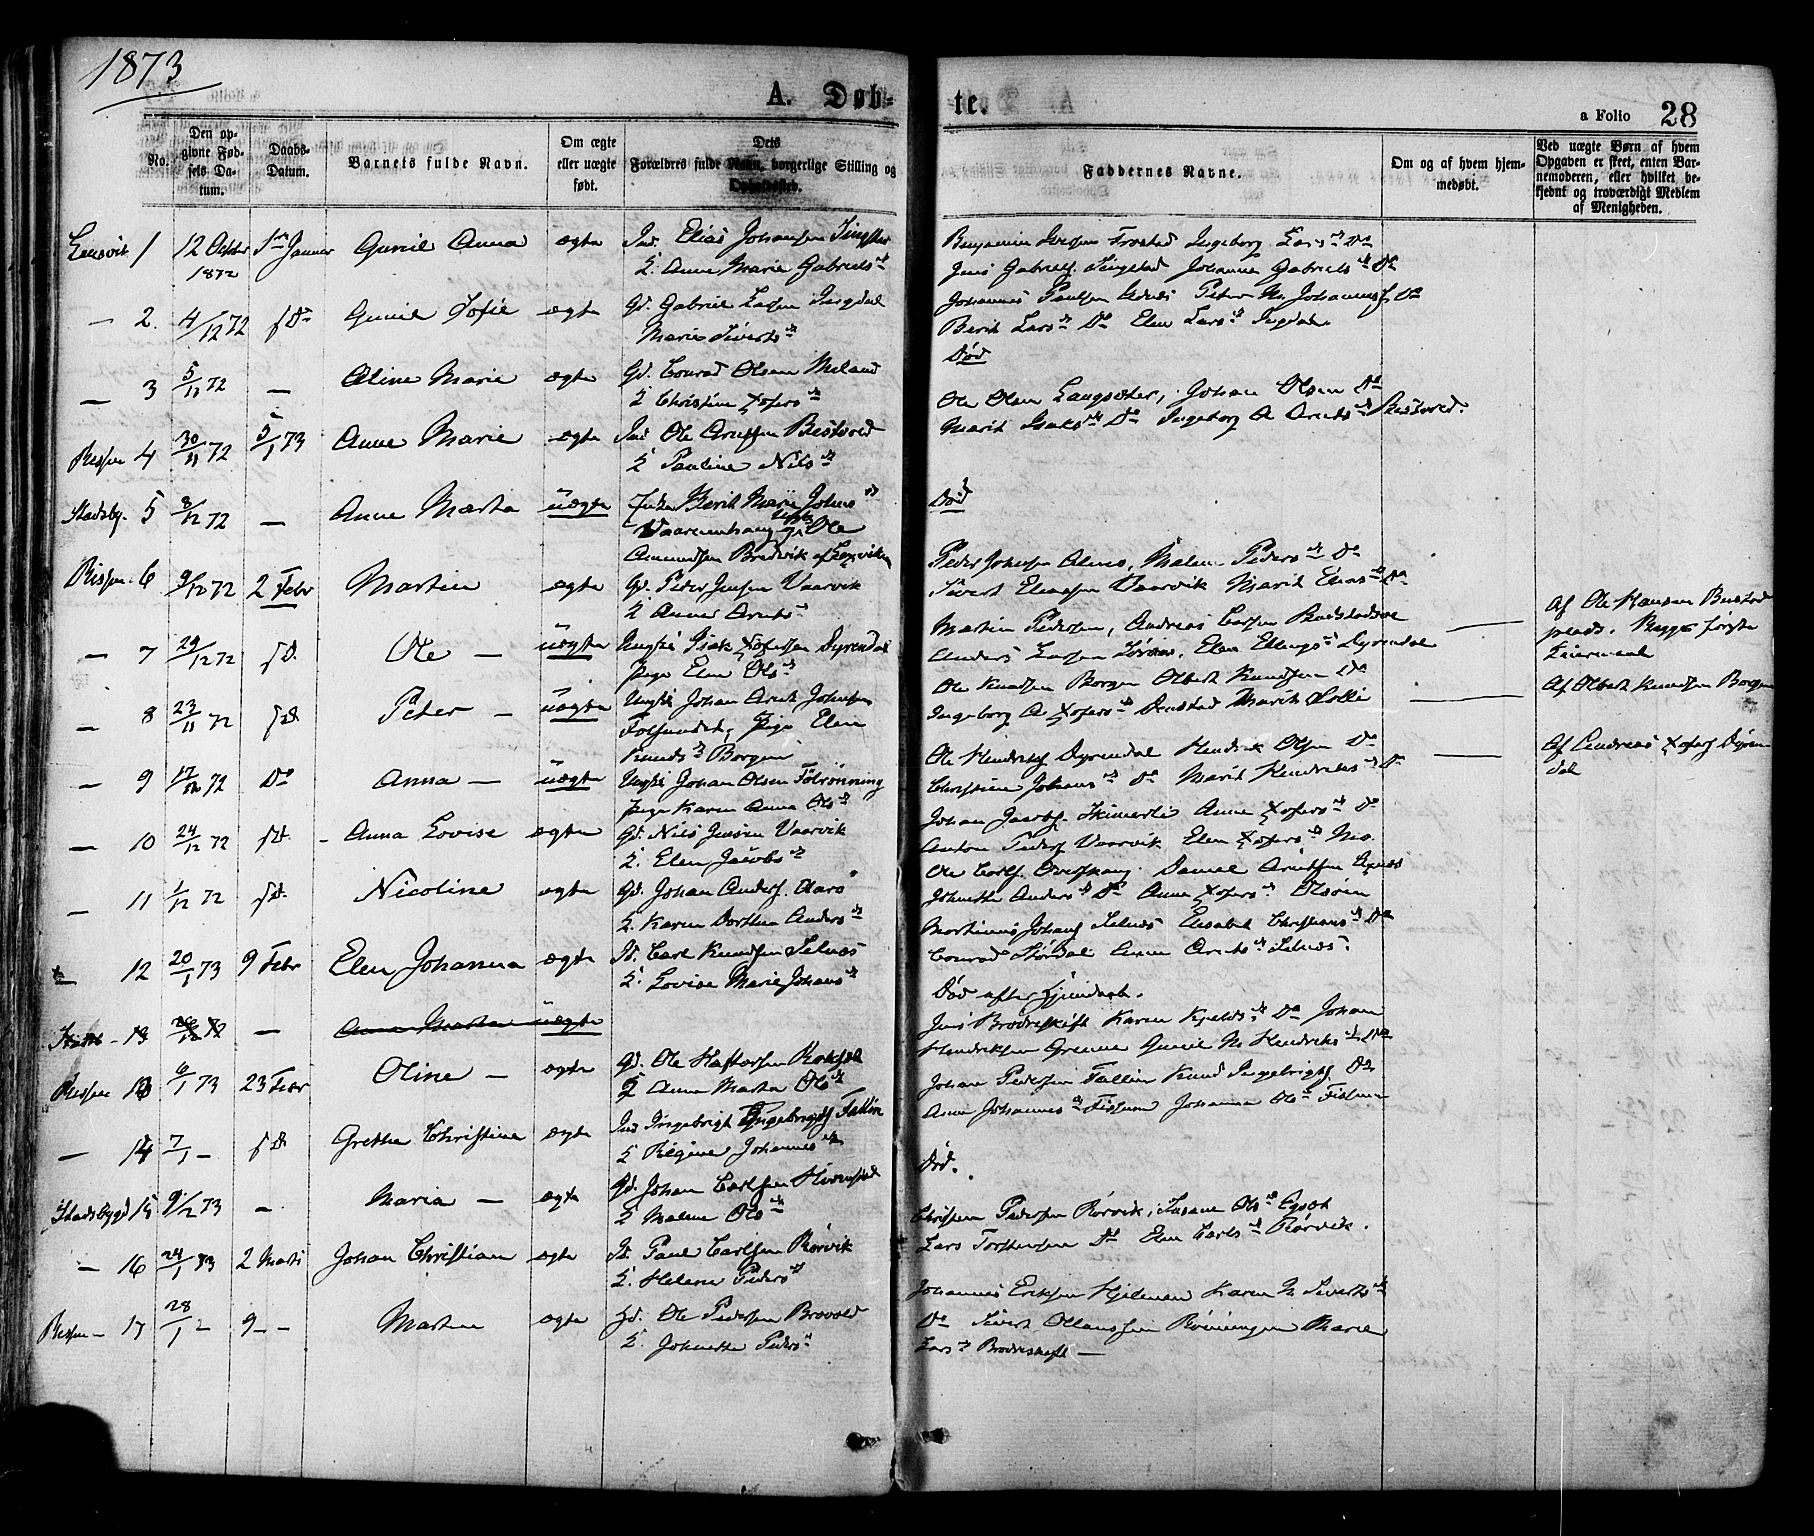 SAT, Ministerialprotokoller, klokkerbøker og fødselsregistre - Sør-Trøndelag, 646/L0613: Ministerialbok nr. 646A11, 1870-1884, s. 28